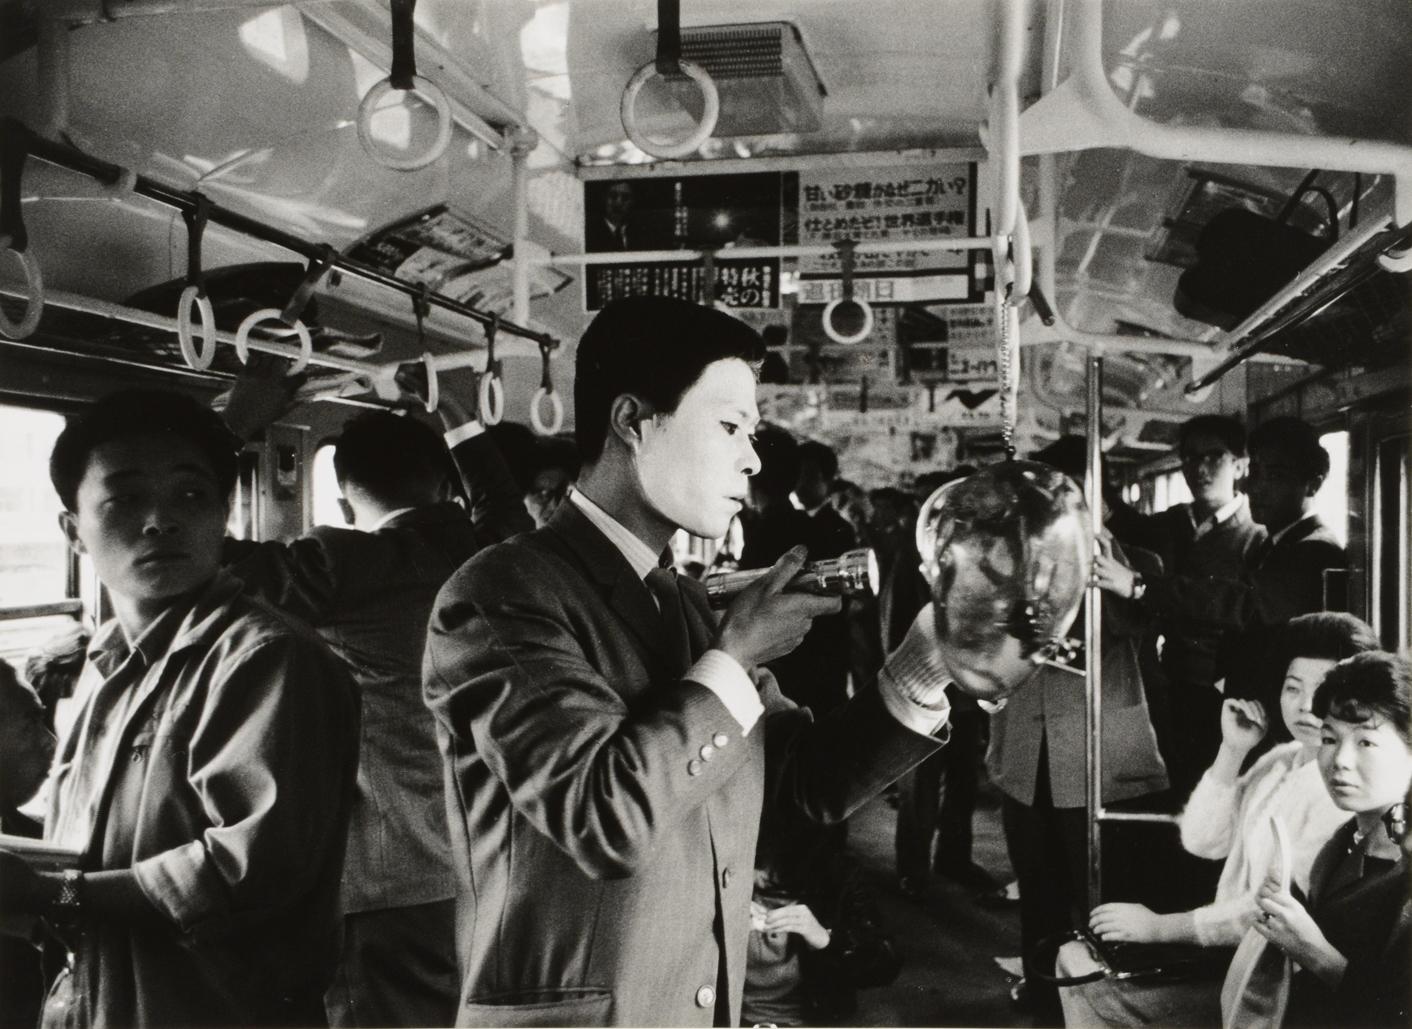 村井督侍《「山手線のフェスティバル」ドキュメンタリー写真》1962年